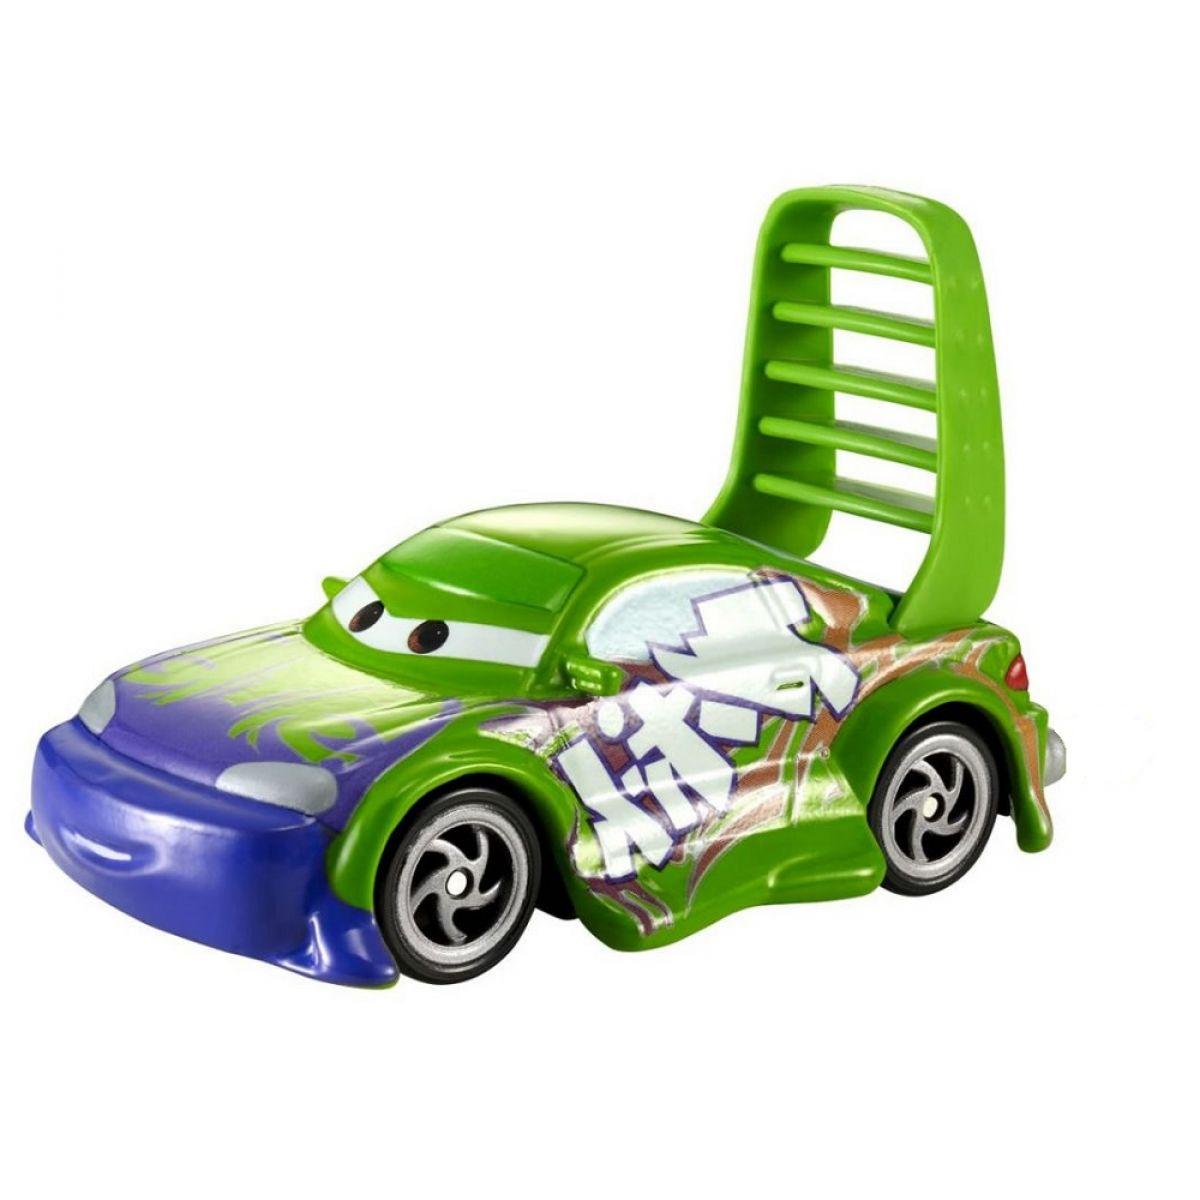 Cars 2 Auta Mattel W1938 - Wingo